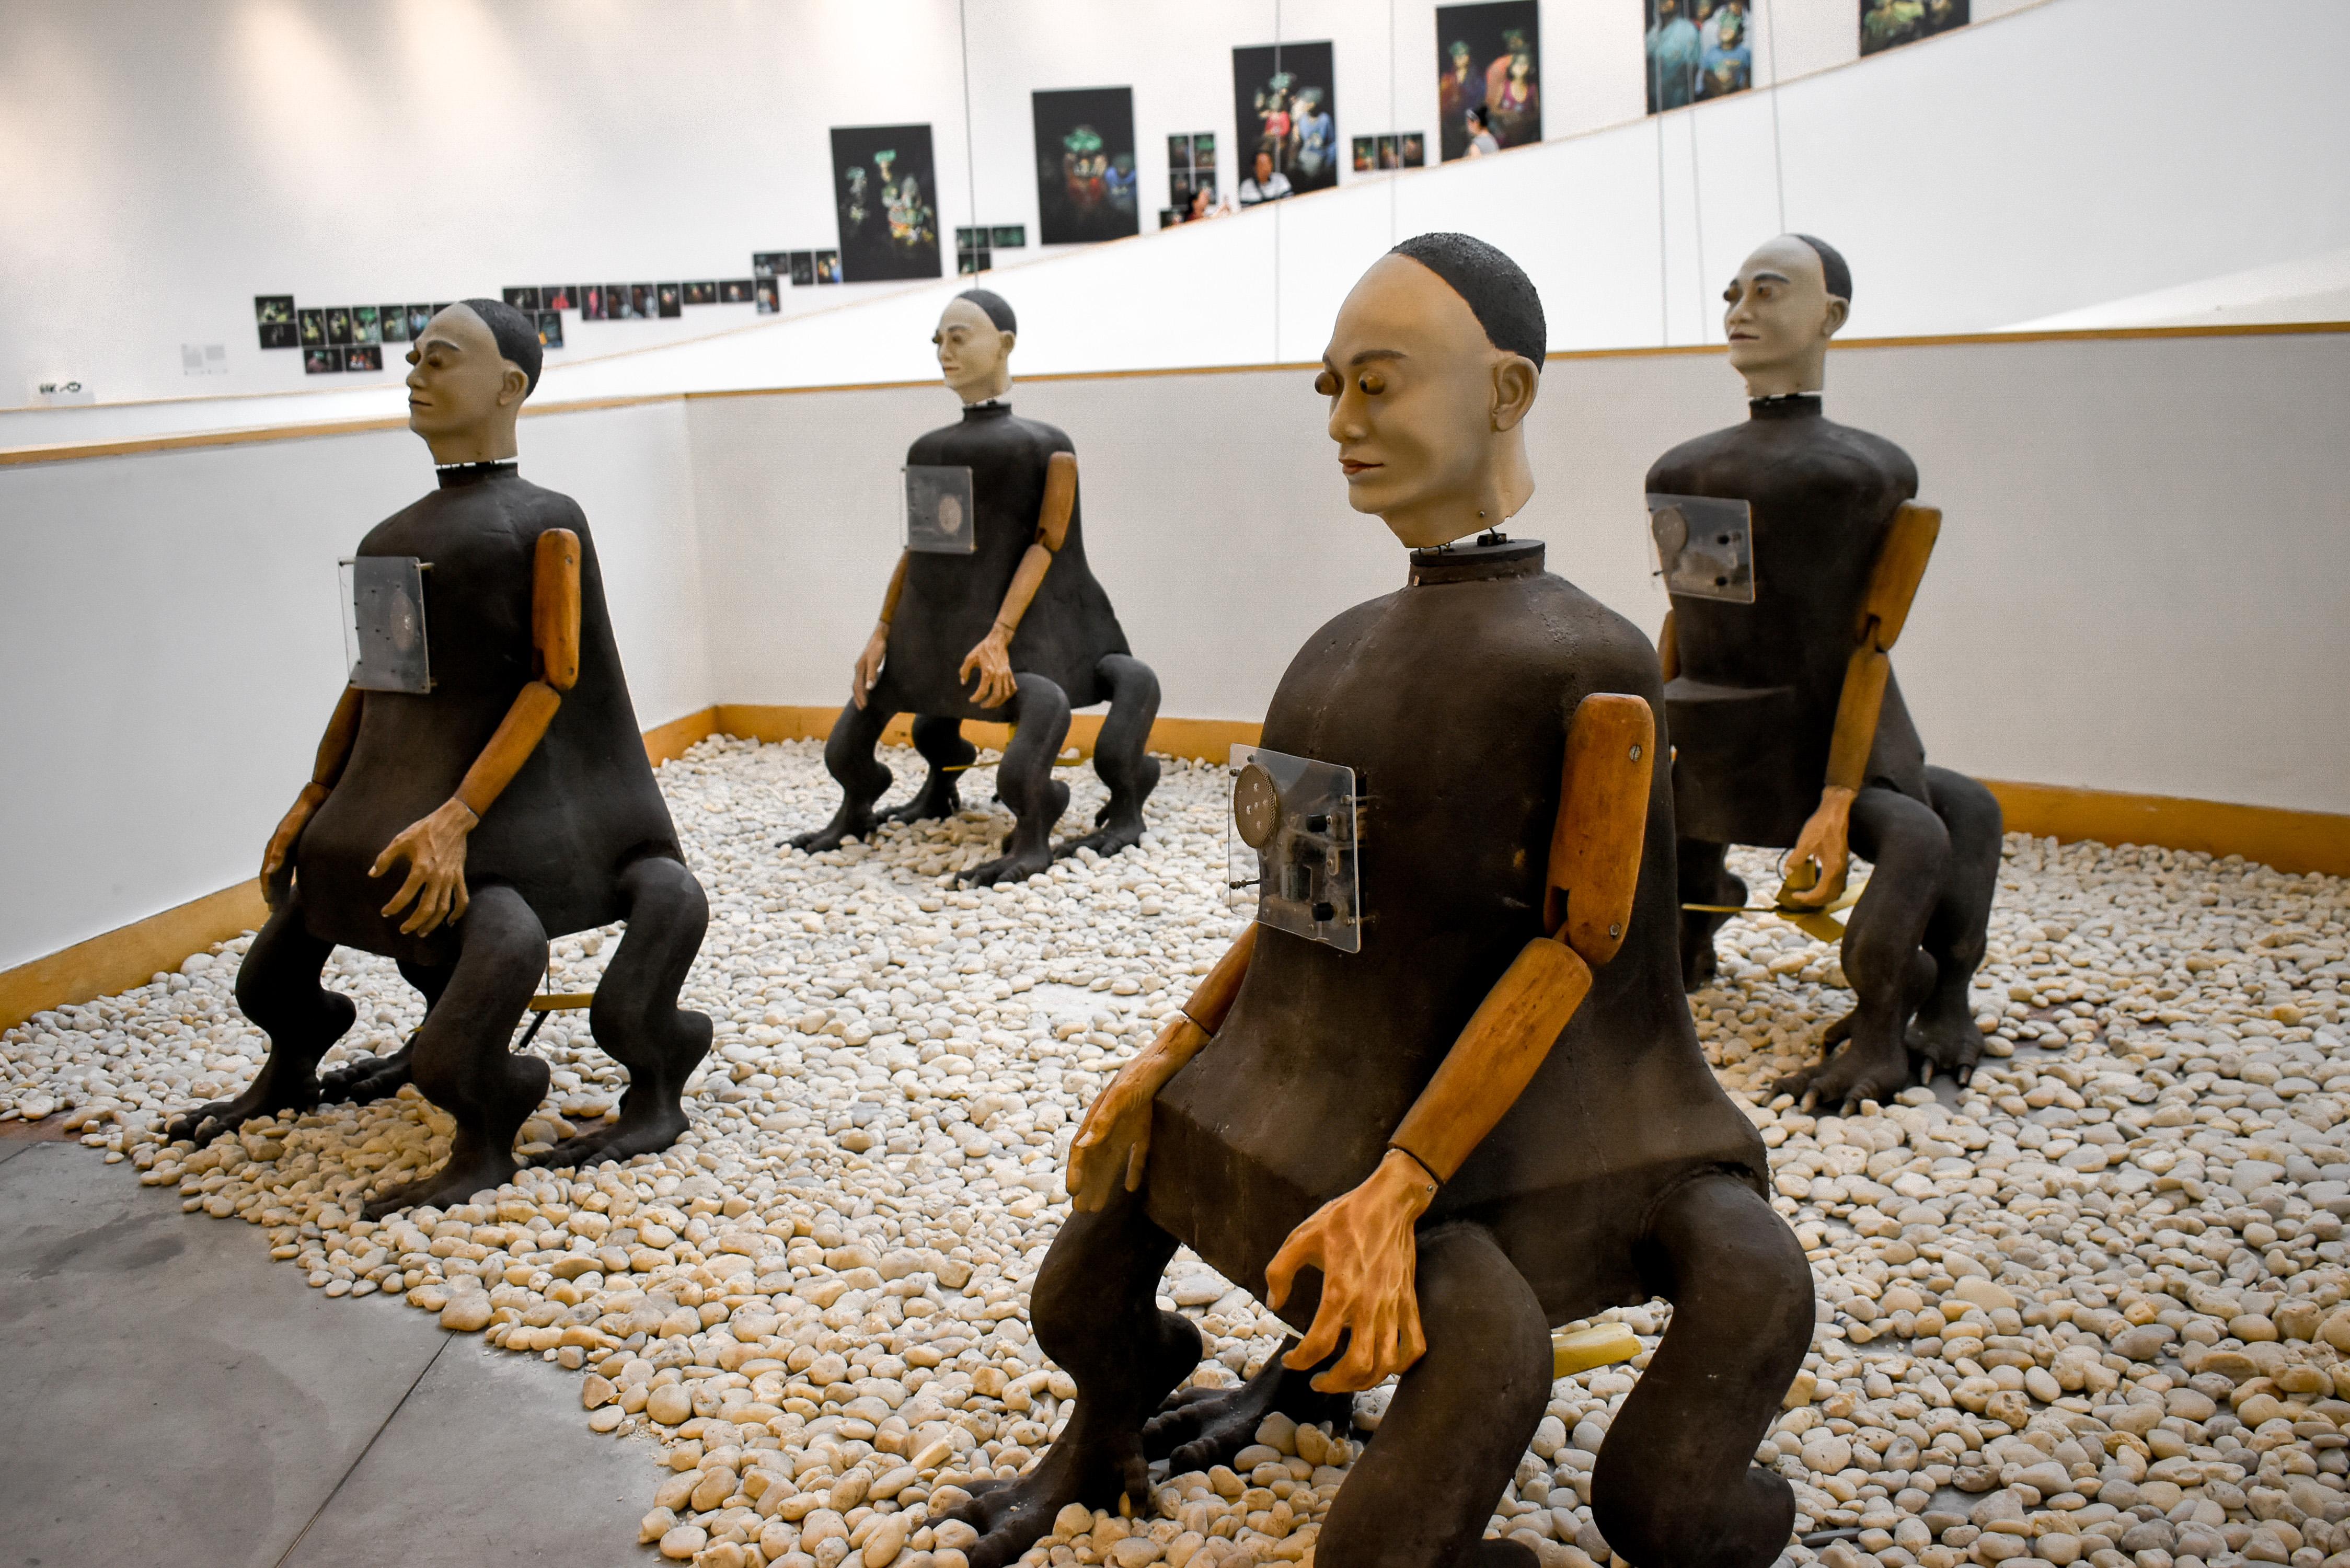 งานศิลปะ, หนังตะลุง, หอศิลป์, หุ่นเชิด, อินโดนีเซีย